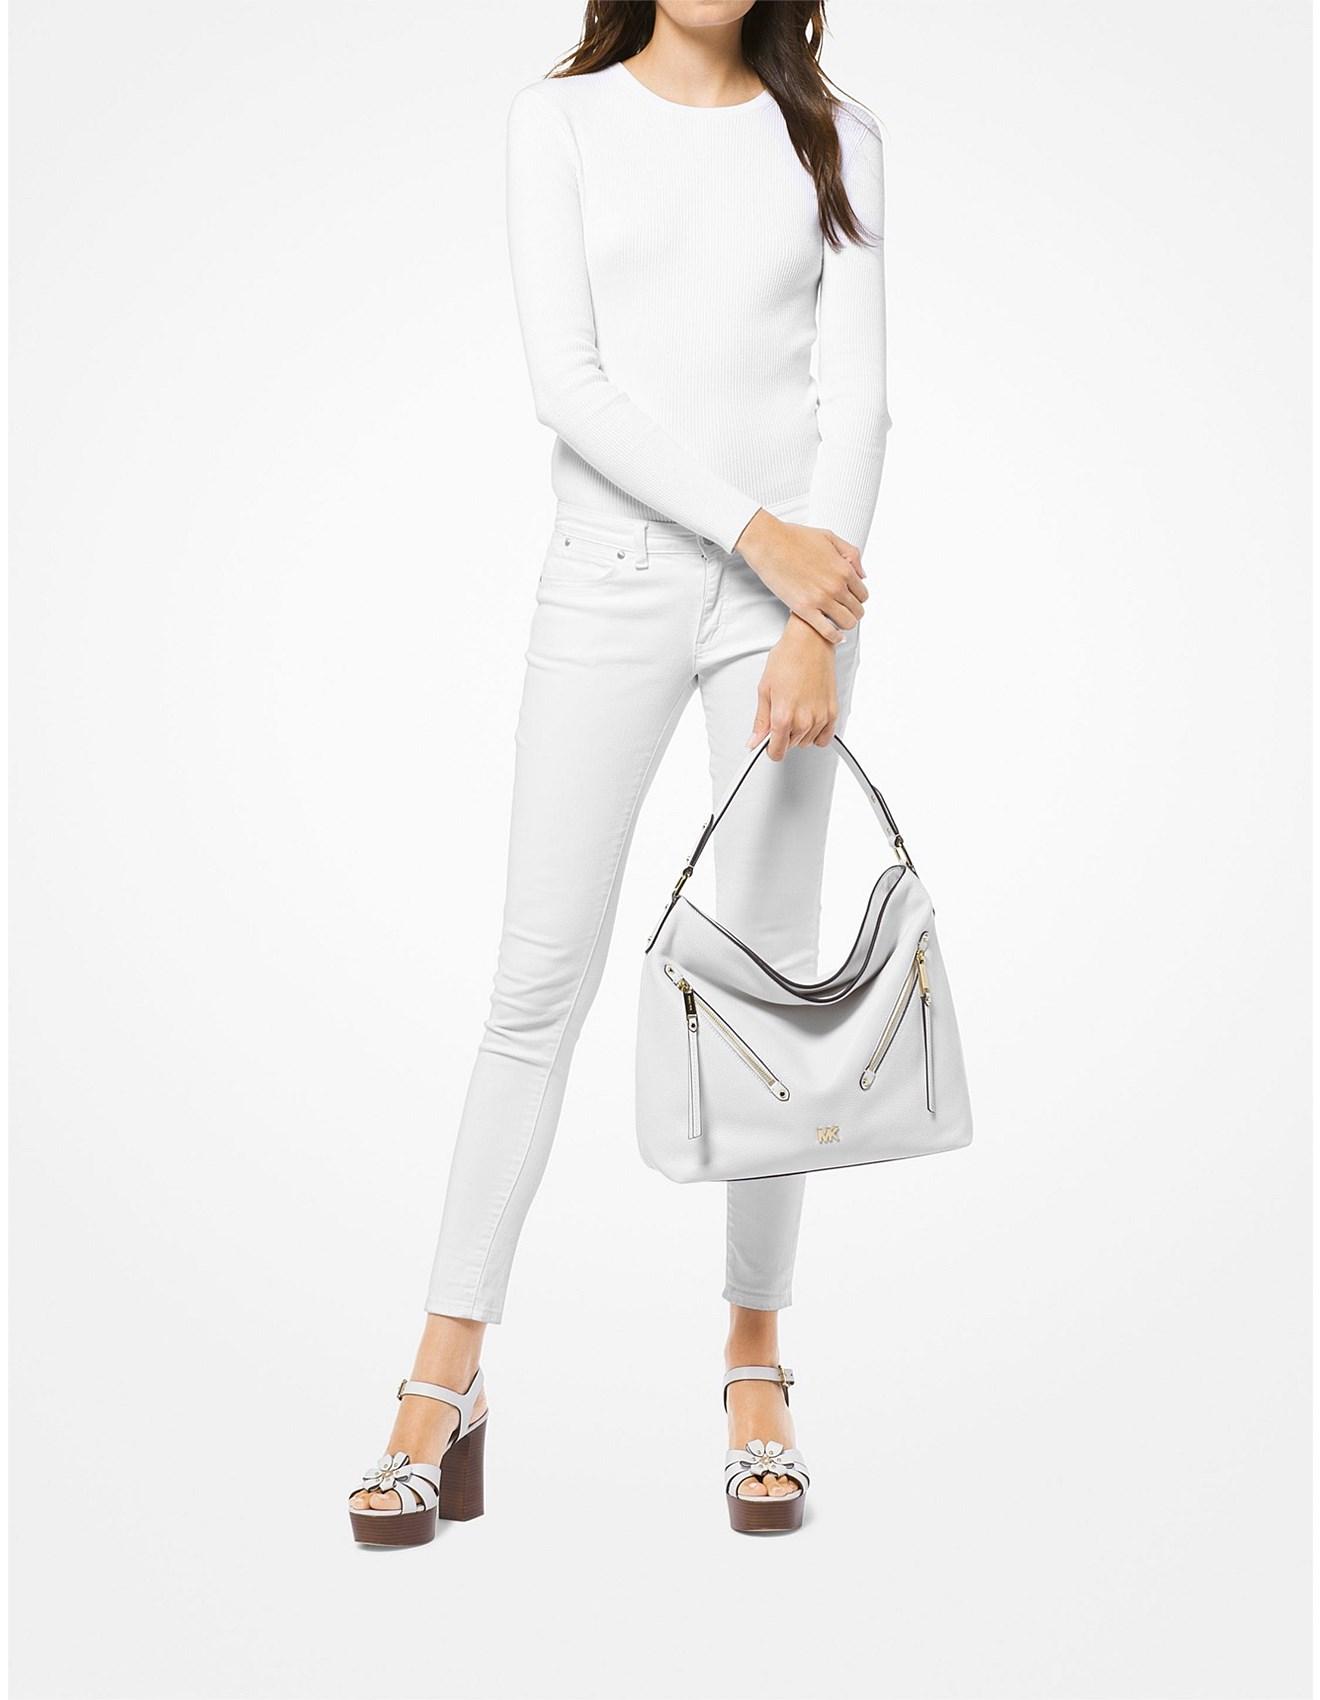 6054df3bcb37c0 Evie Large Pebbled Leather Shoulder Bag. Previous. Next. Zoom. Michael Kors